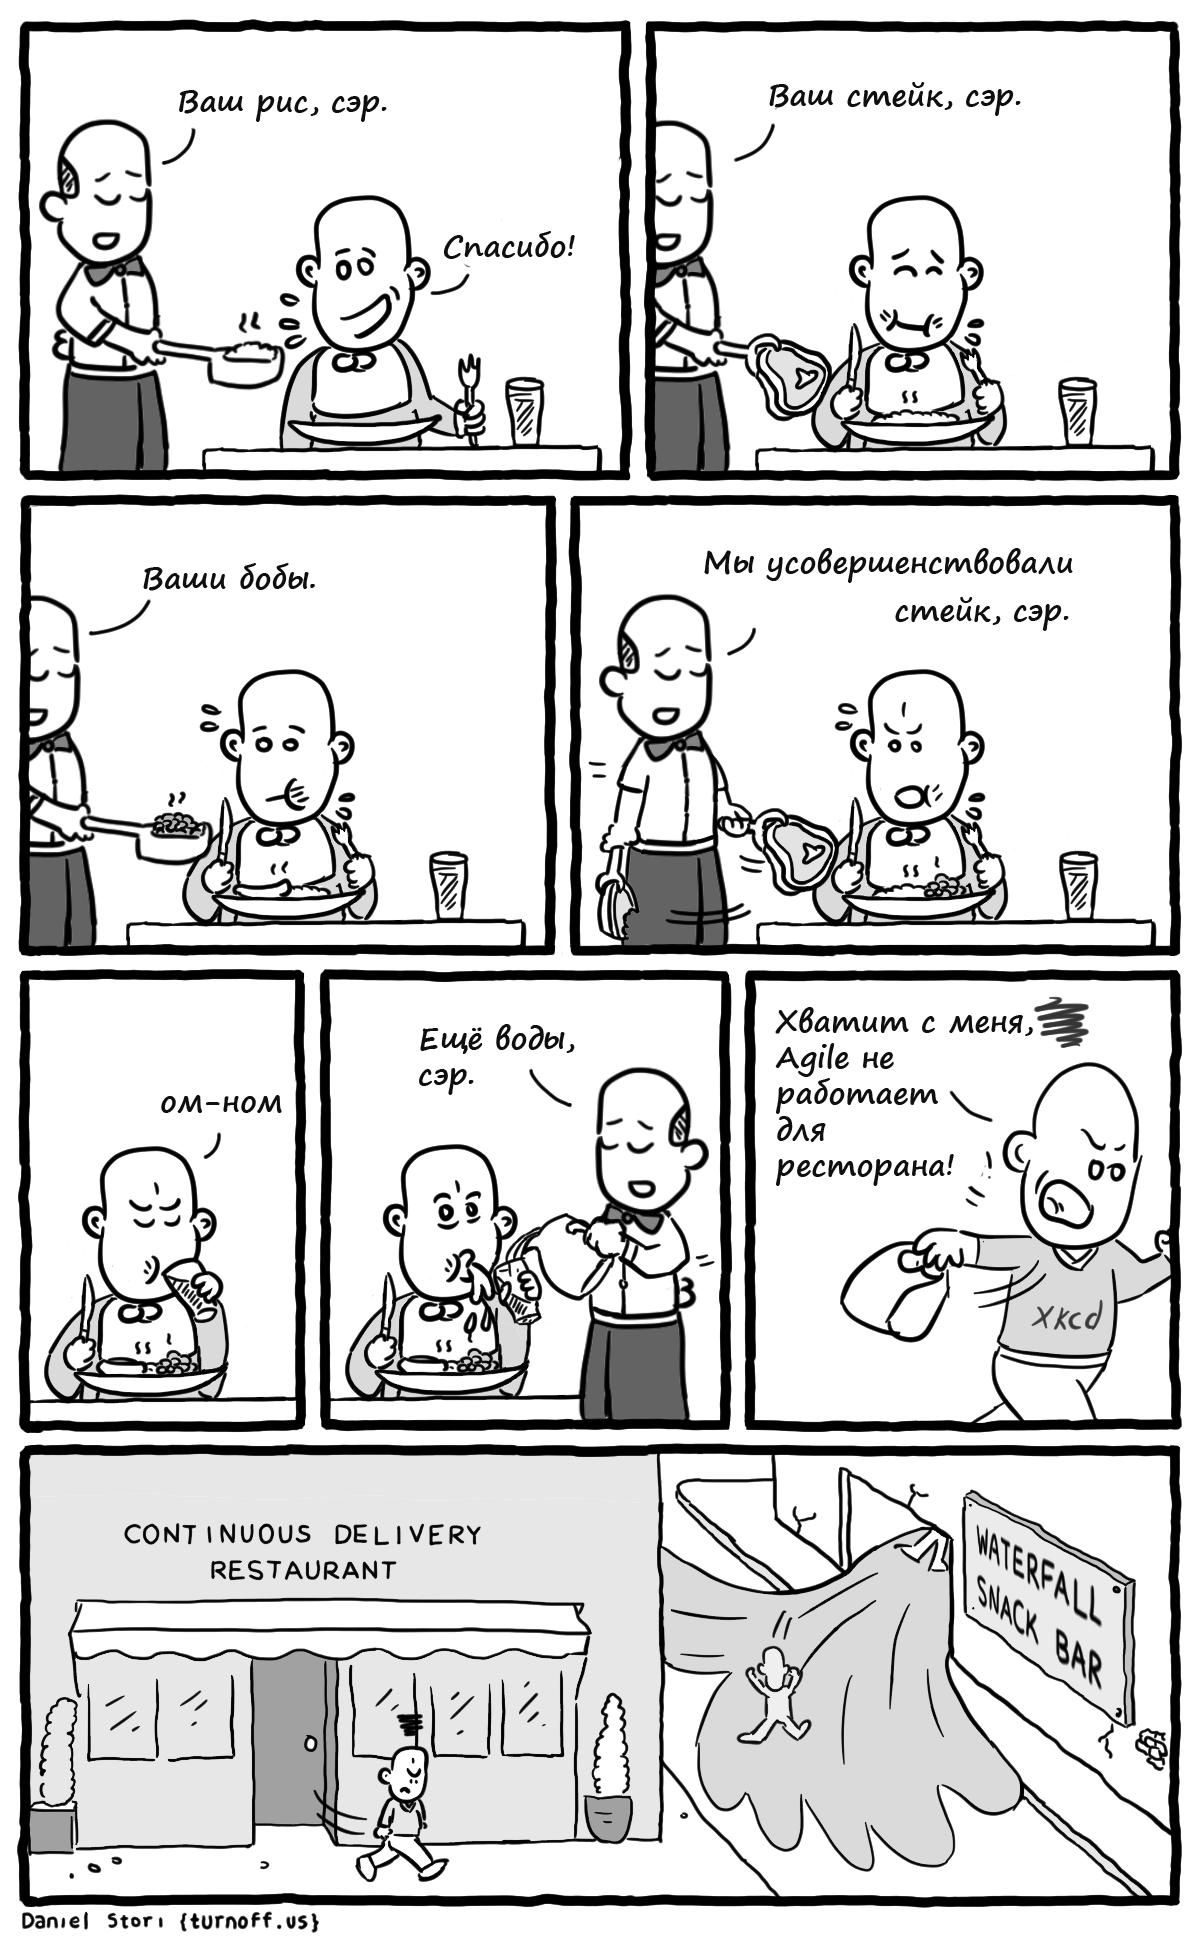 Комиксы Даниэля Стори (часть 2) - 15